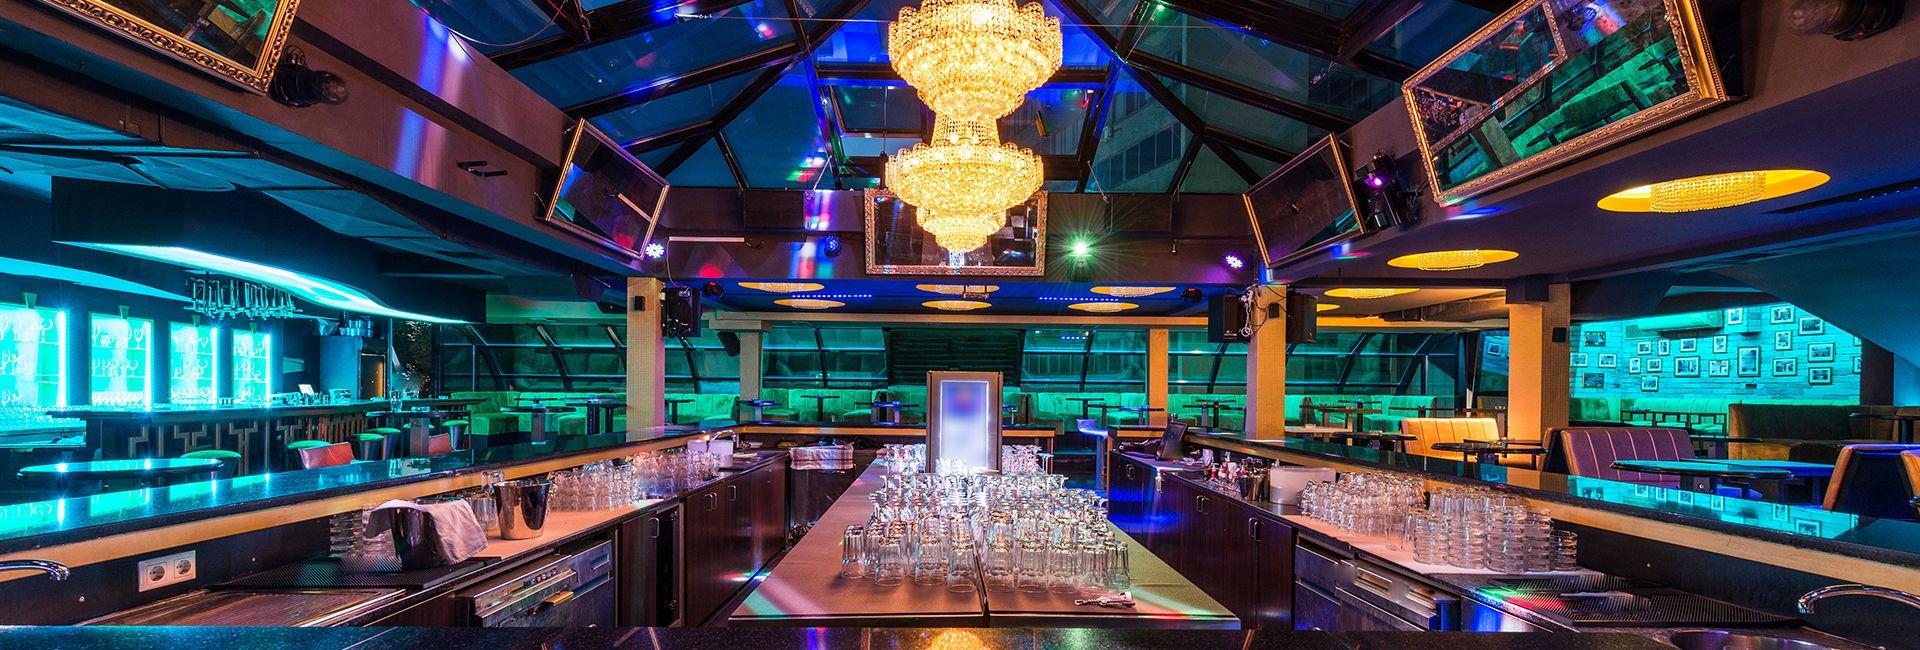 Top 8 khách sạn Đà Nẵng có quầy bar đẹp nhất